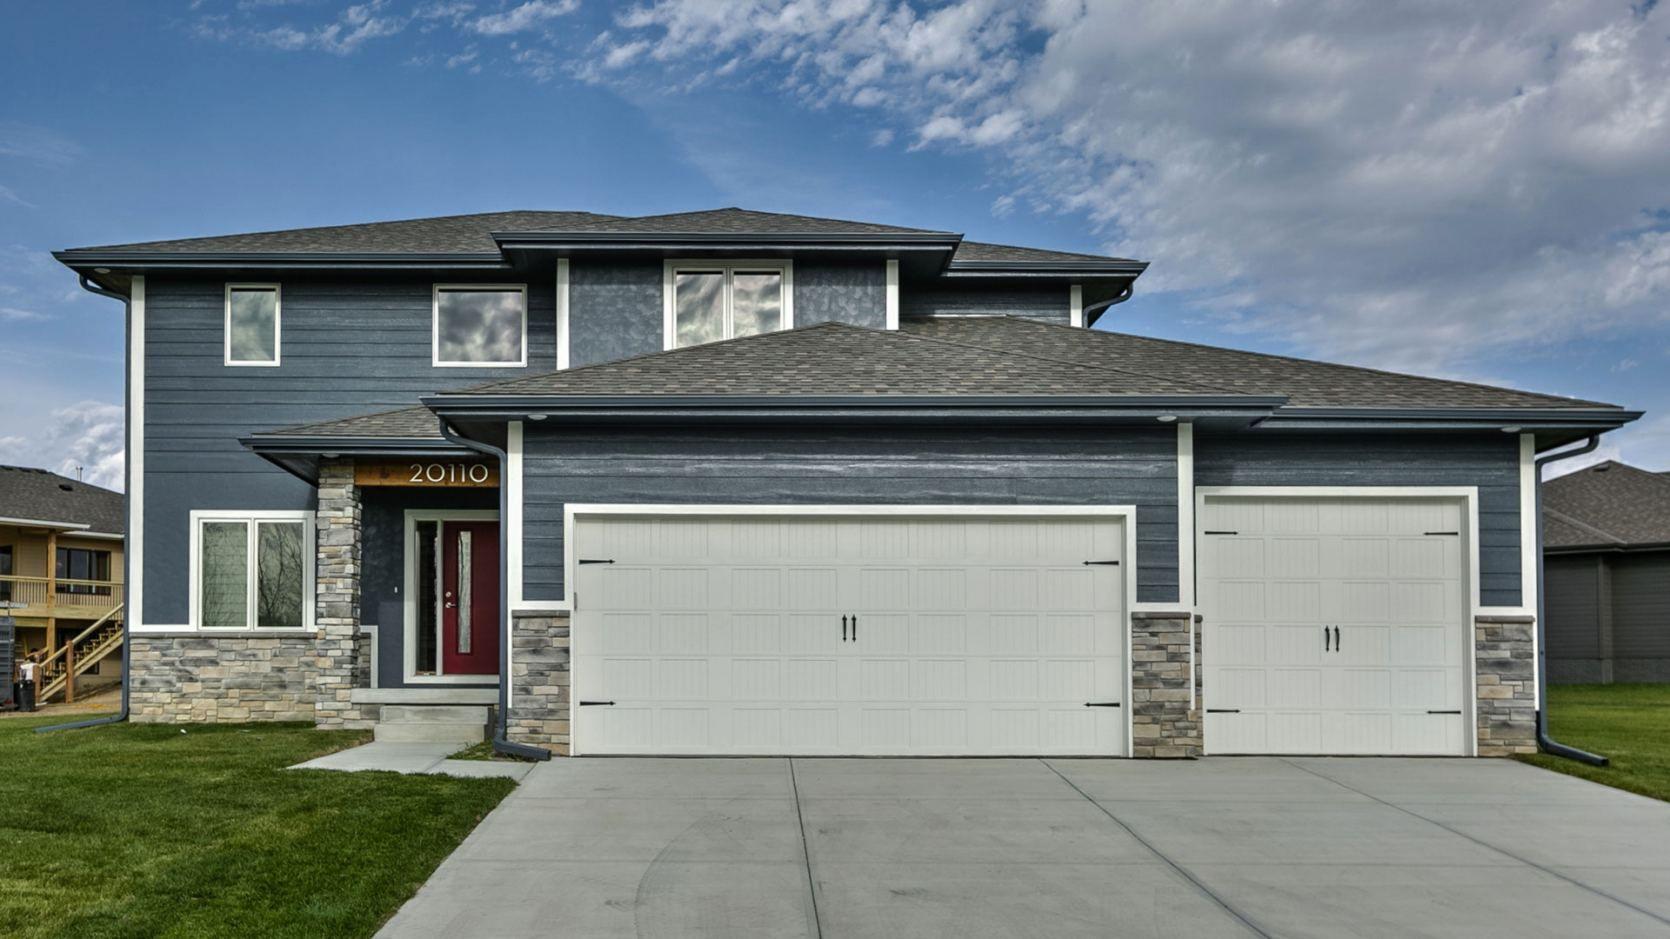 Image Result For Blue House Garage Doors Garage Door Styles Garage Door Repair Service